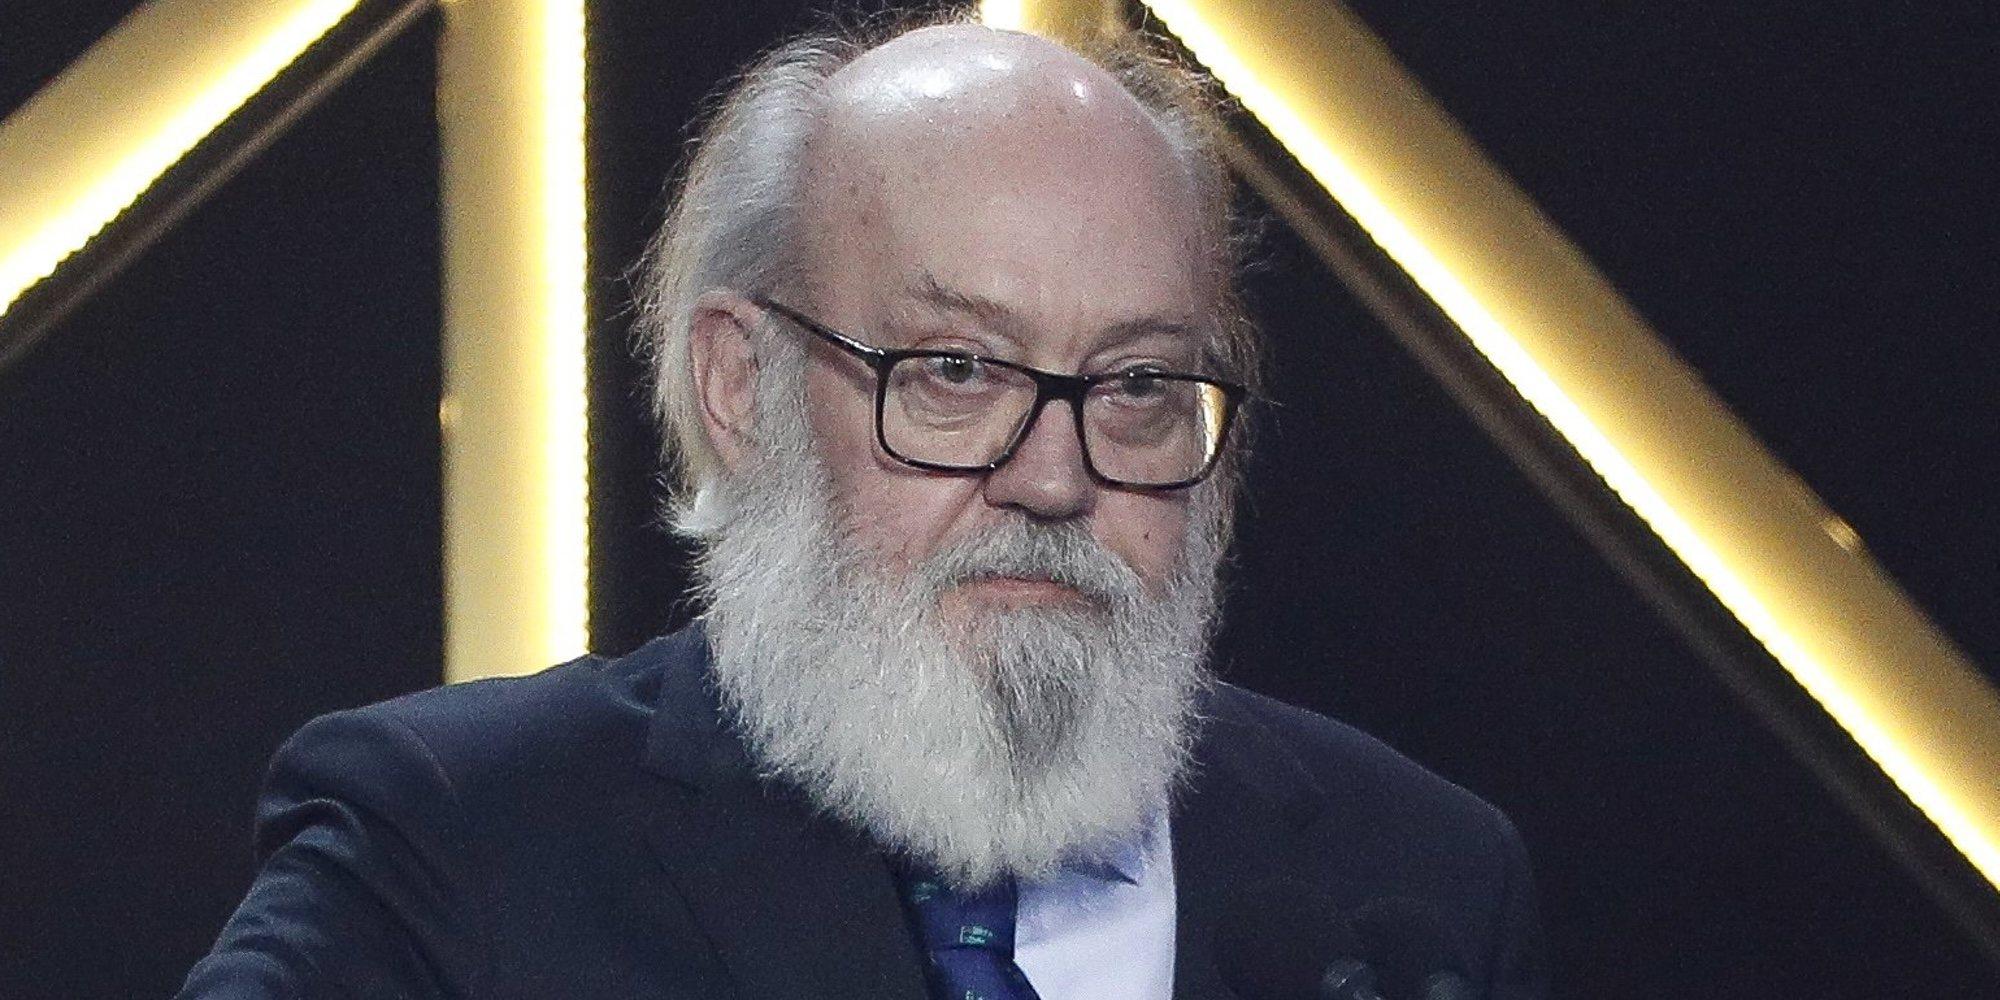 Muere el director José Luis Cuerda por una embolia a los 72 años